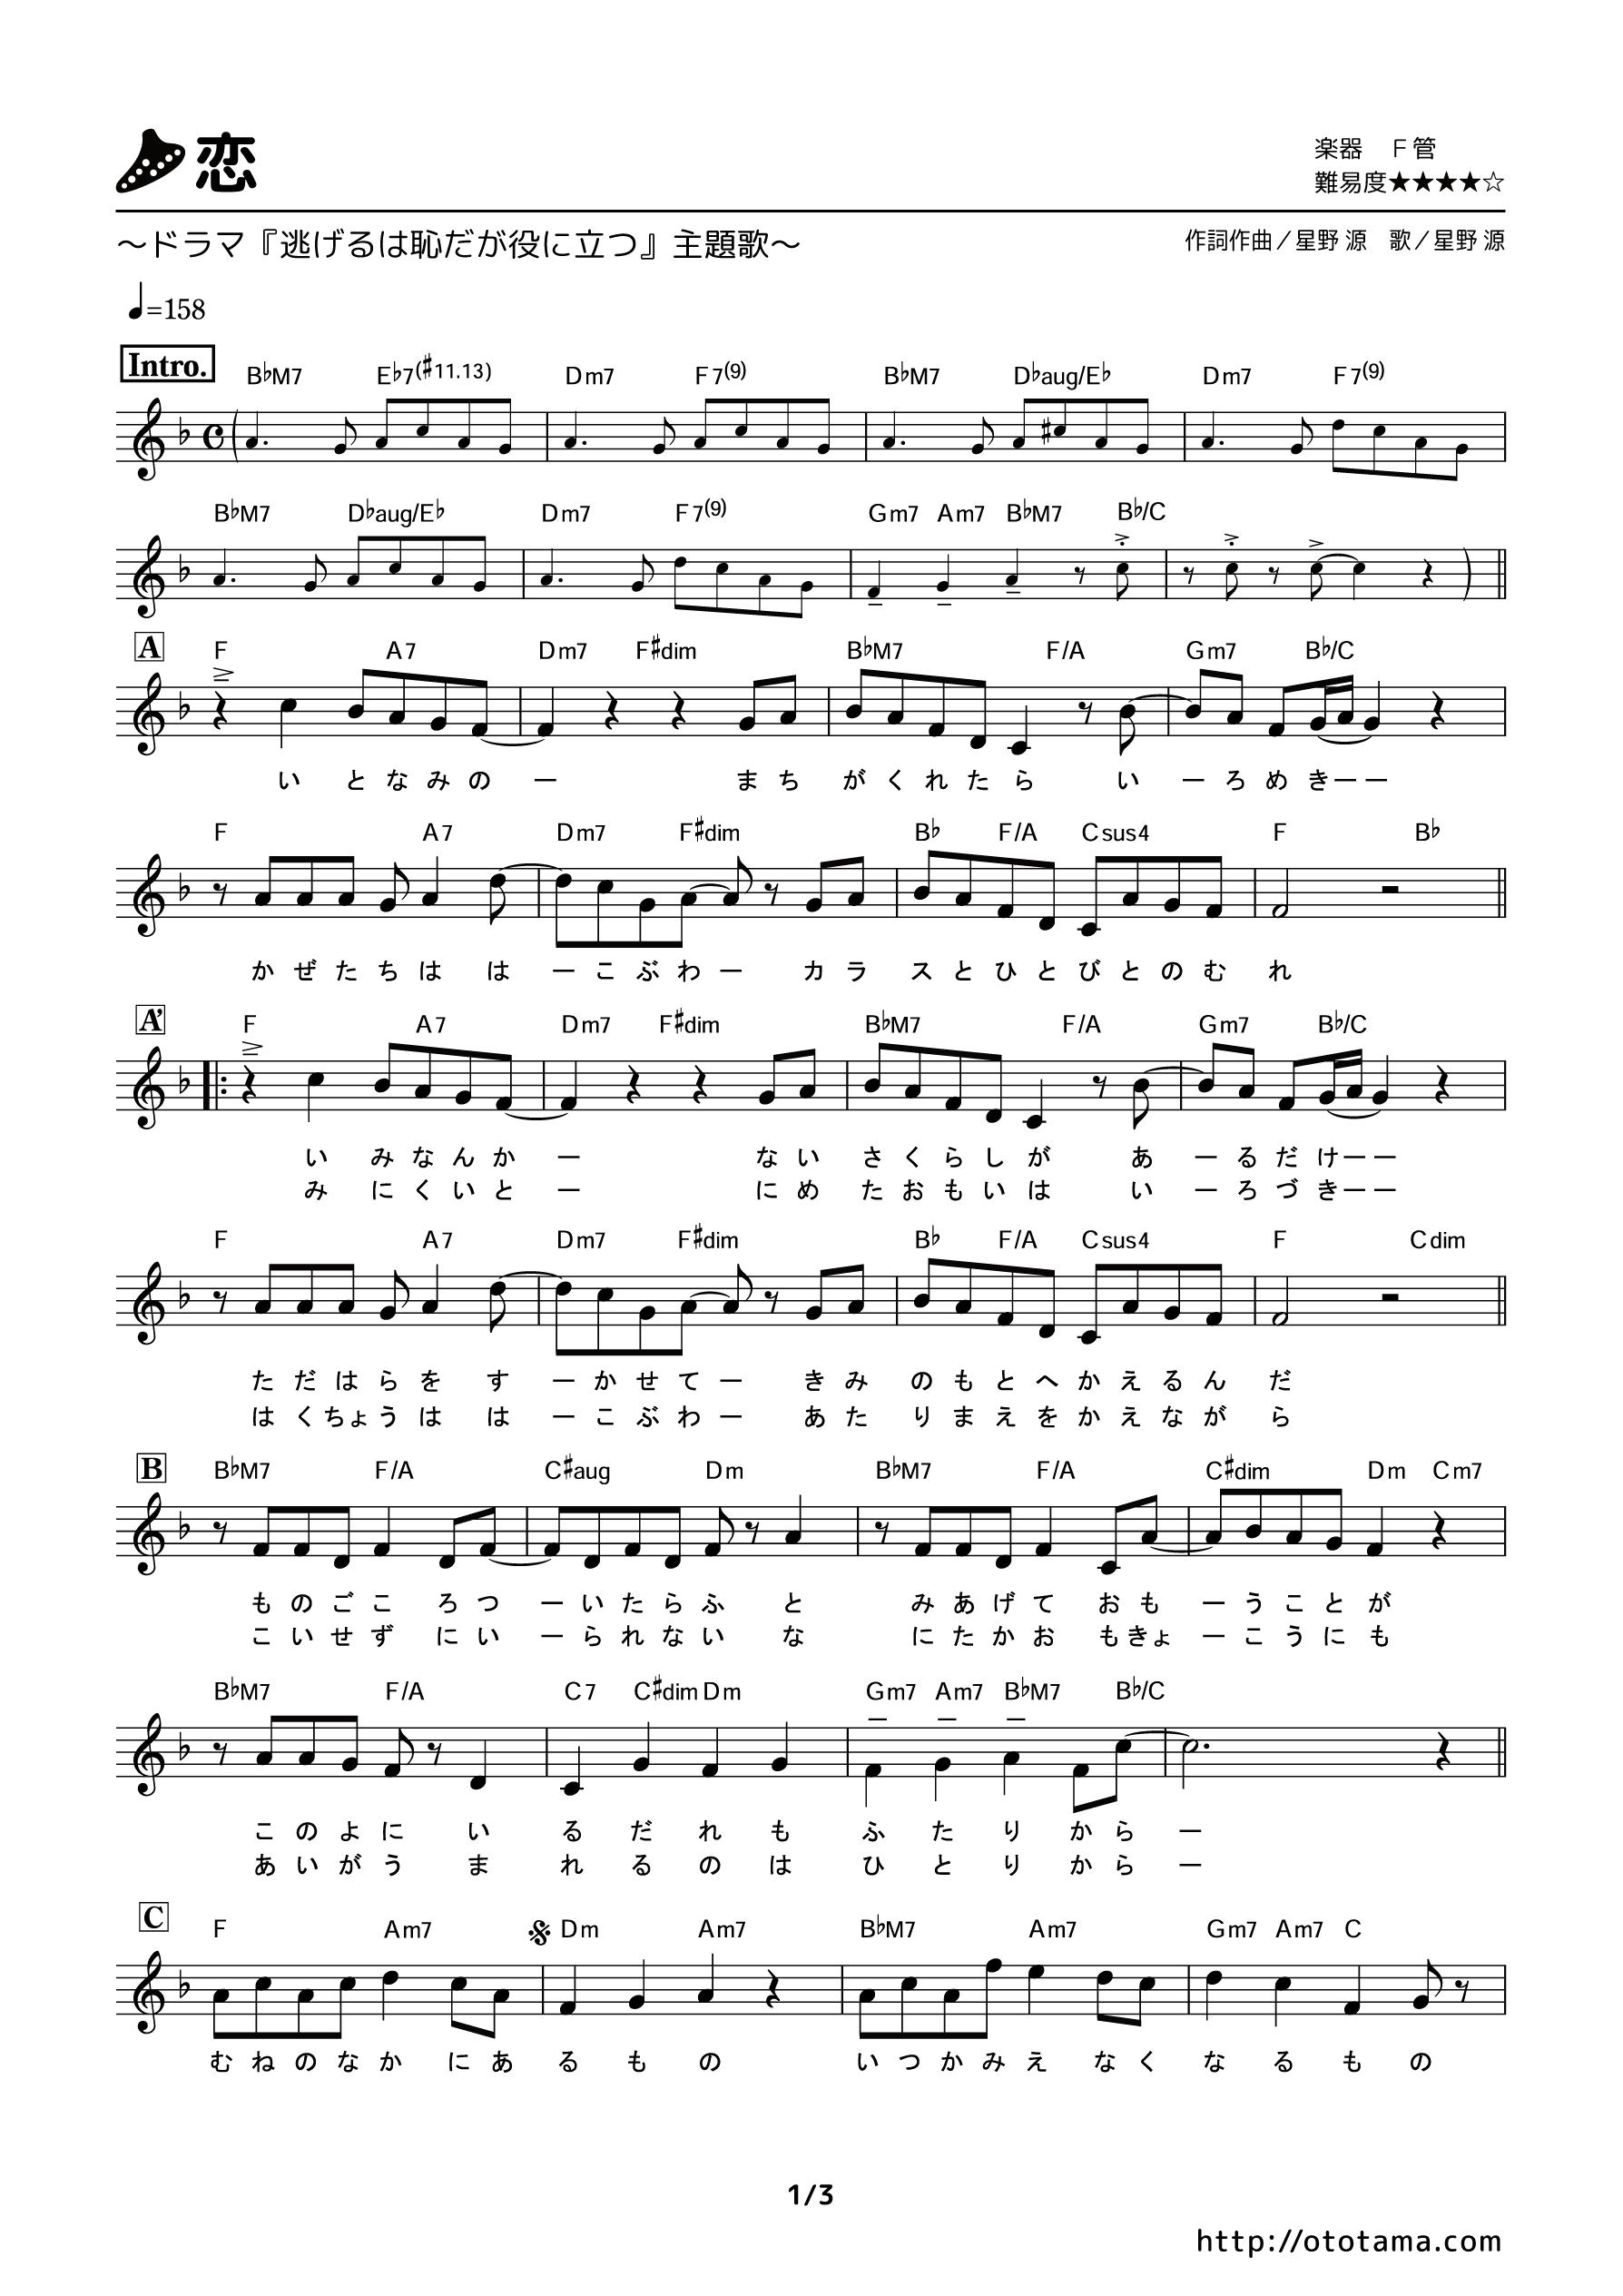 無料 楽譜 蓮華 紅 ピアノ